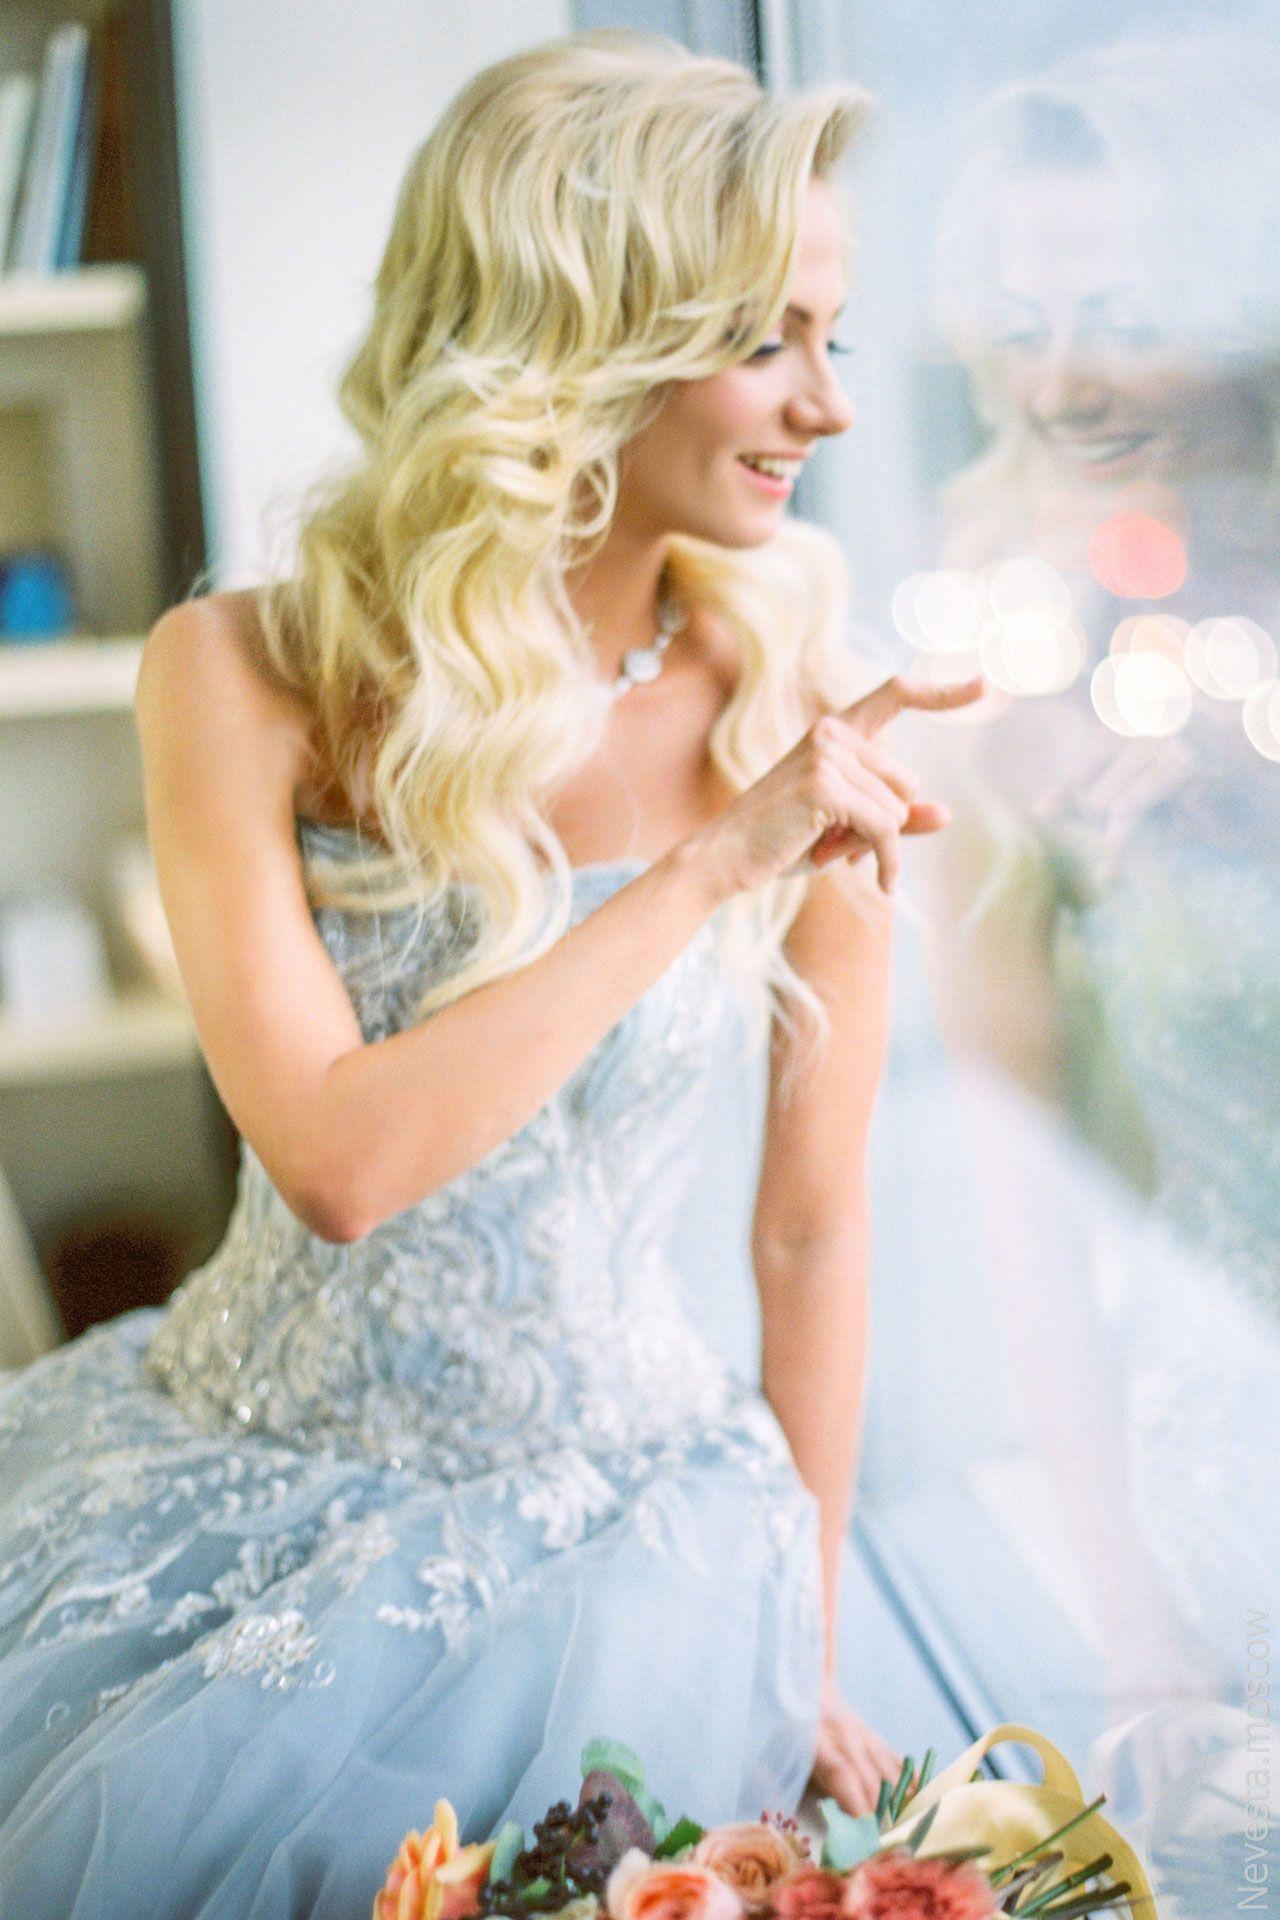 актриса Полина Максимова примеряет свадебное платье фото 3